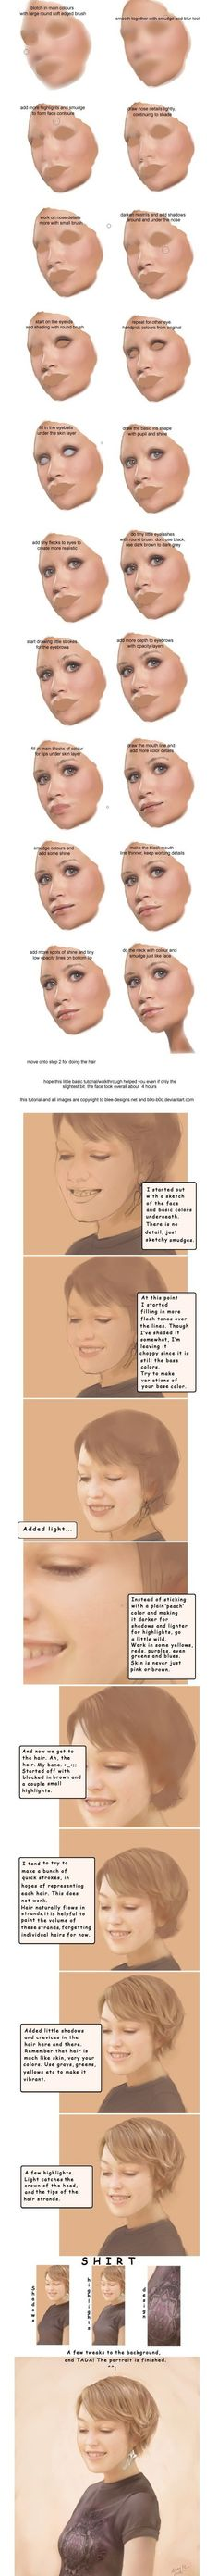 女性人脸的画法.jpg_微盘下载